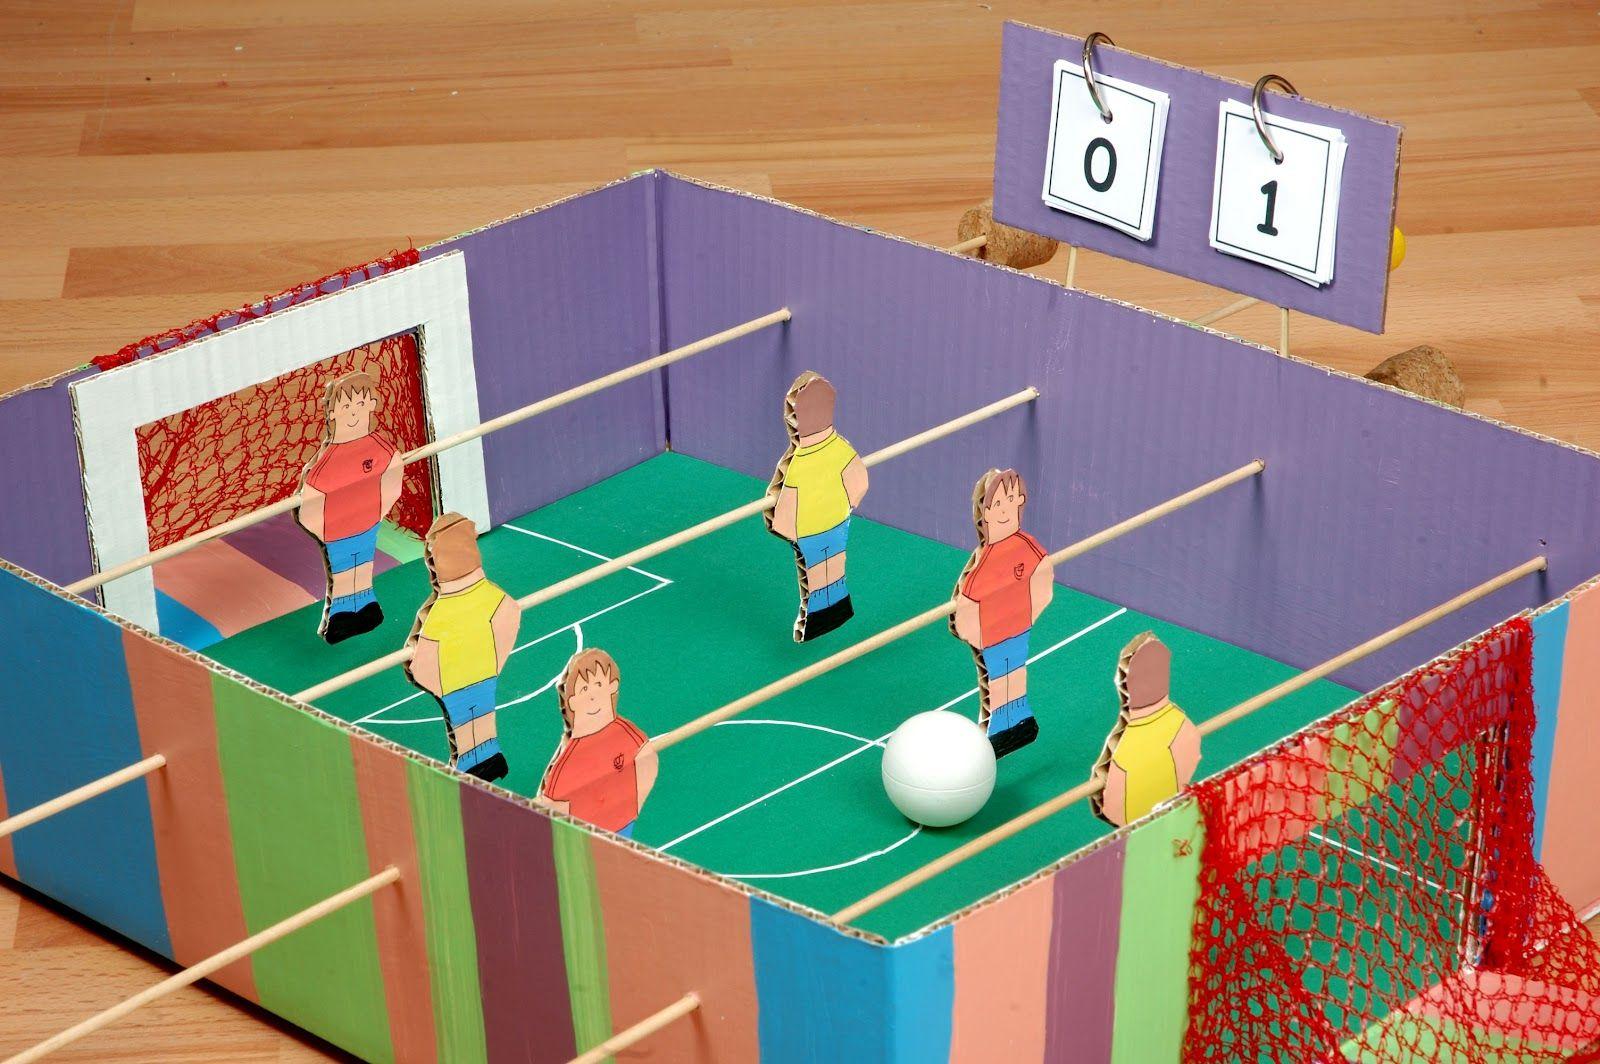 Como Hacer Un Futbolin Realizando Manualidades Para Ninos Manualidadesparaninos Manualidades Juegos Y Juguetes Juguetes Con Material Reciclado